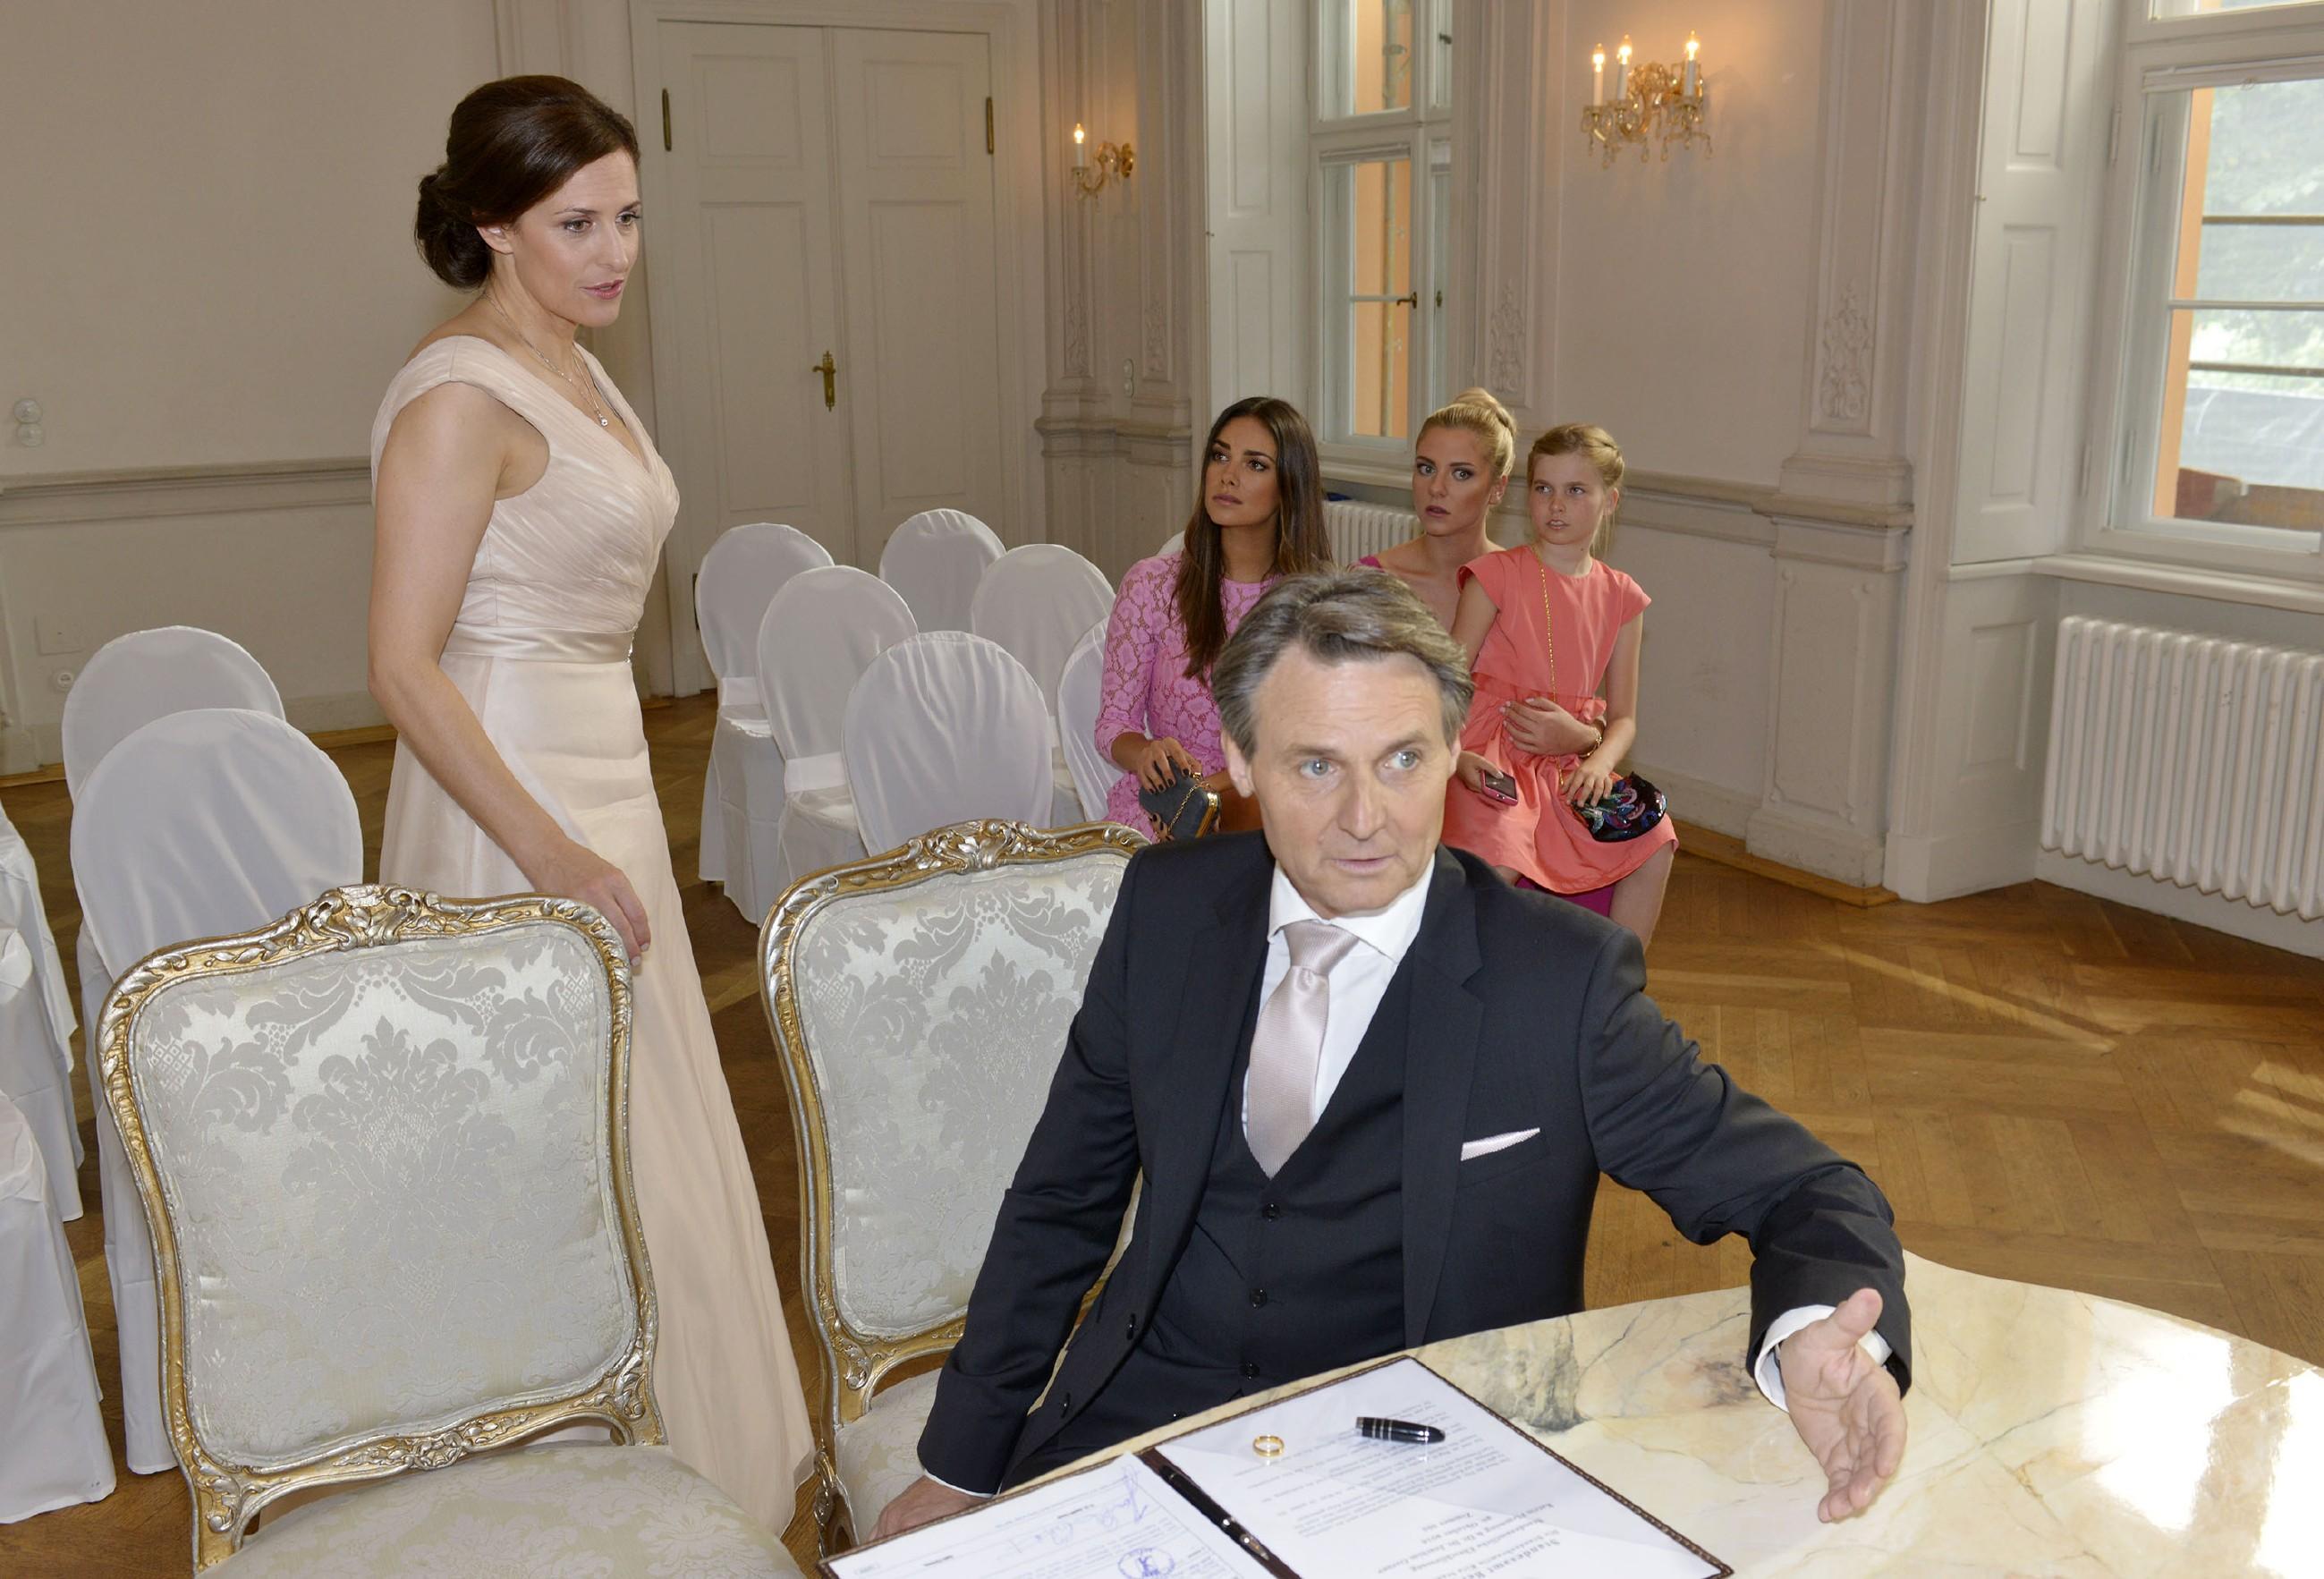 Gerner (Wolfgang Bahro) ist völlig perplex, als Katrin (Ulrike Frank, l.) sich in letzter Sekunde doch noch gegen die Hochzeit entscheidet... (Quelle: RTL / Rolf Baumgartner)